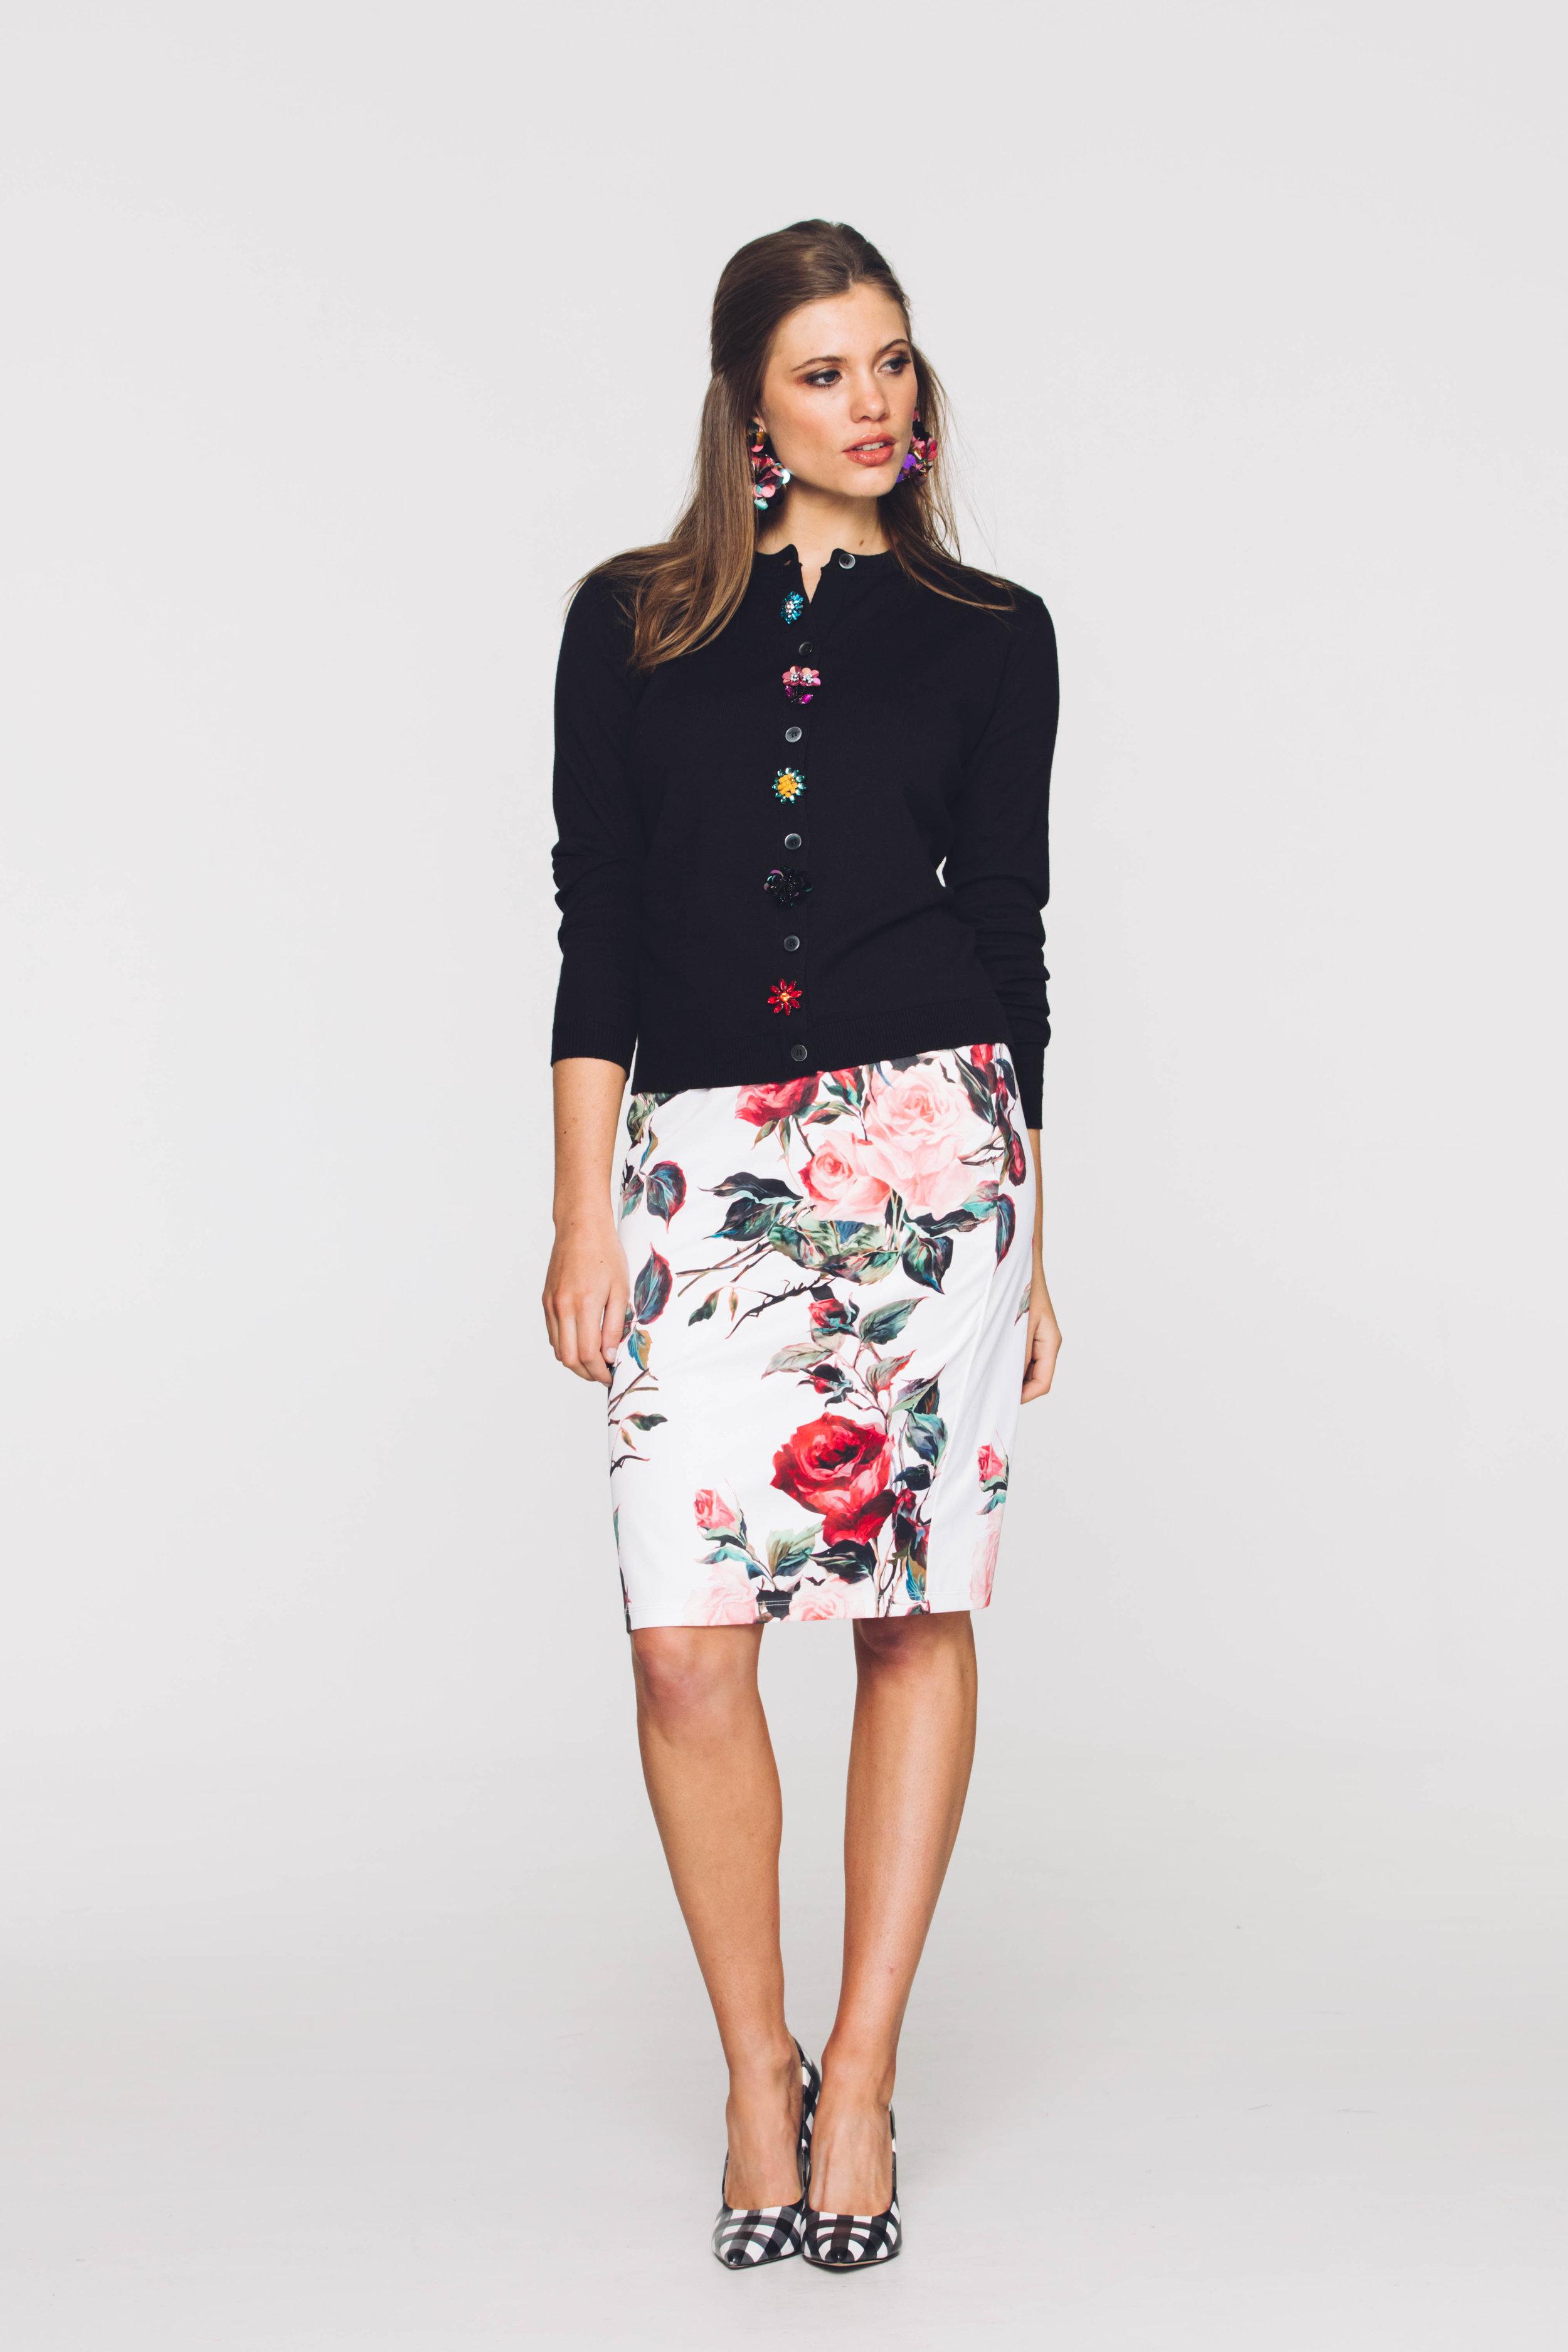 6198V Jewelled Cardi, Black, 4661V Skinny Skirt, Dolce Rose White